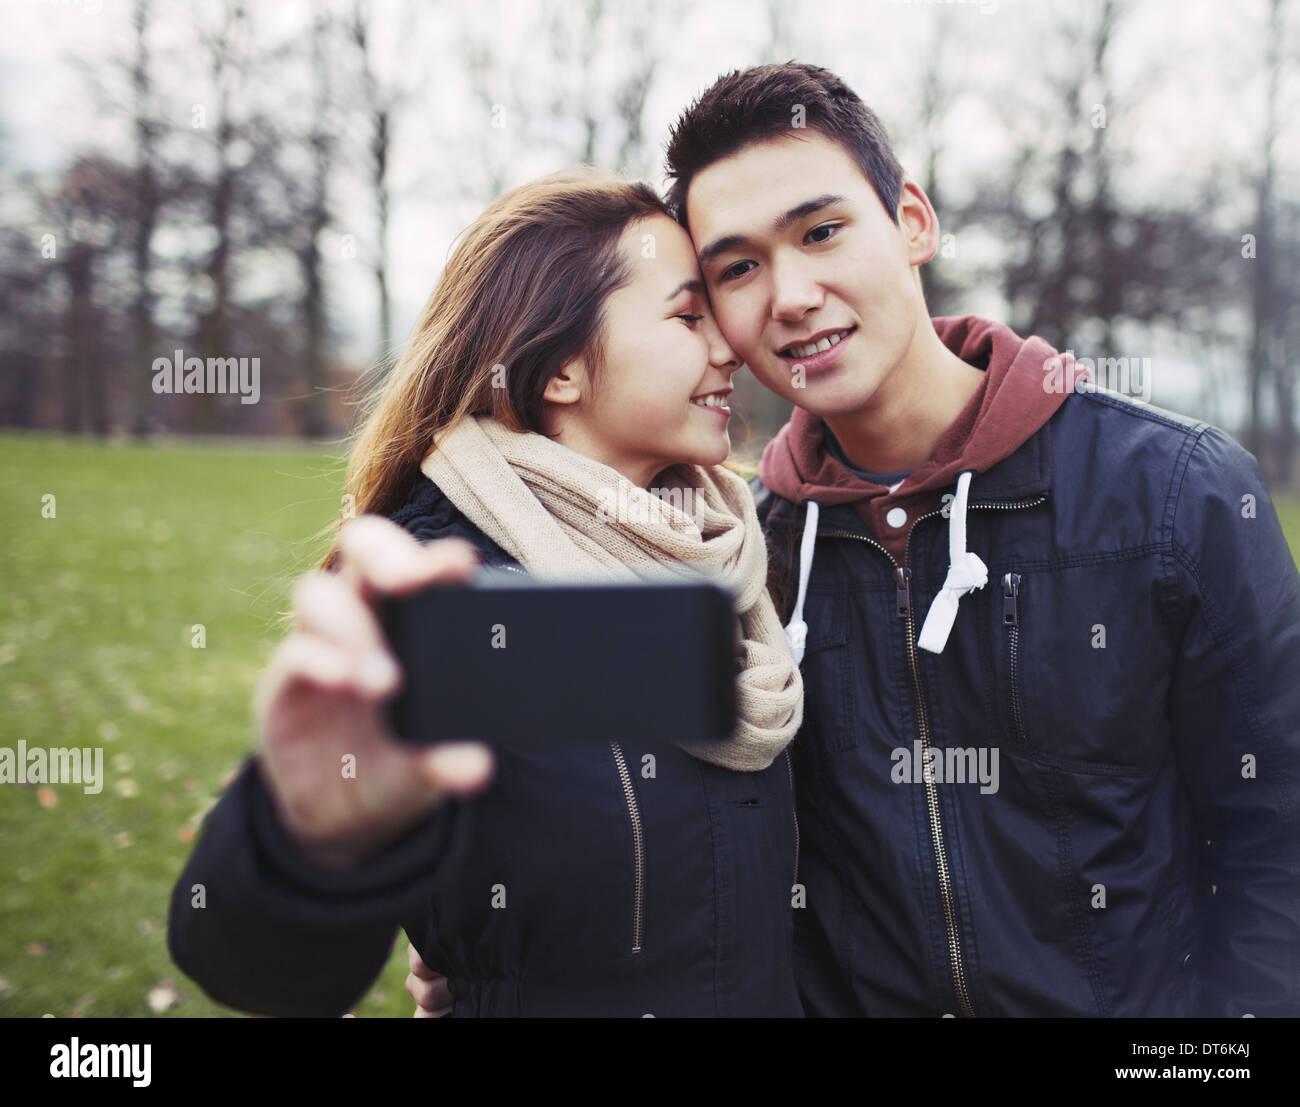 Young couple taking pictures en utilisant un téléphone intelligent au parc. Teenage boy and girl in love photographier eux-mêmes Photo Stock